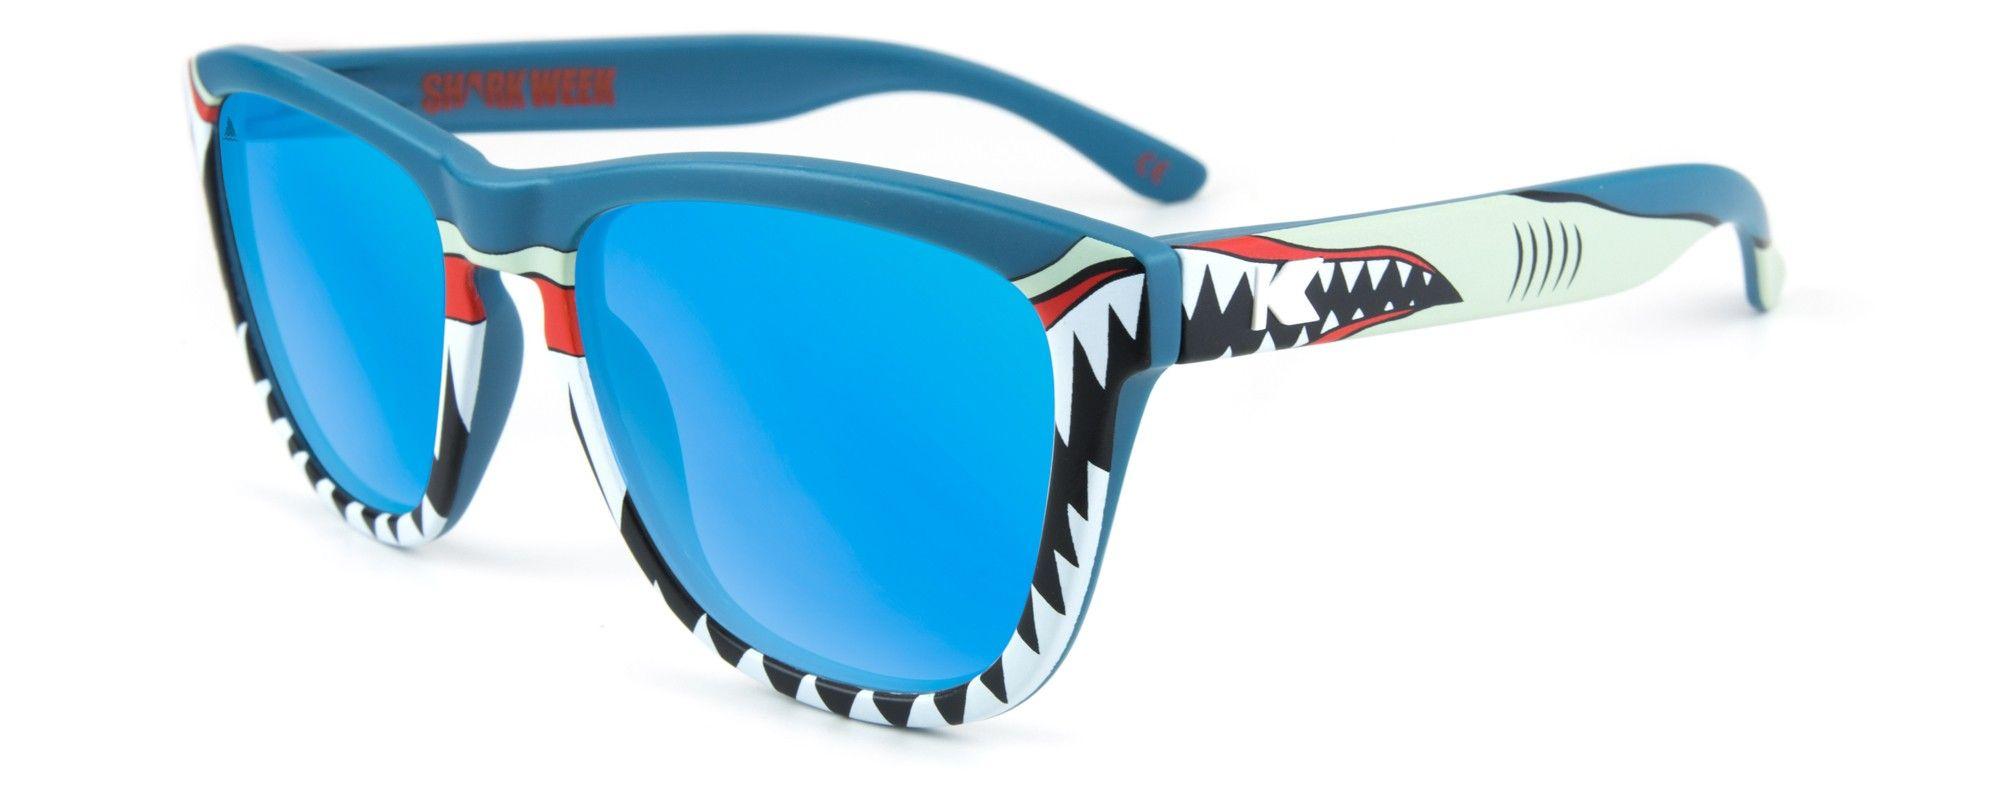 2207aa96c83 Shark Week II